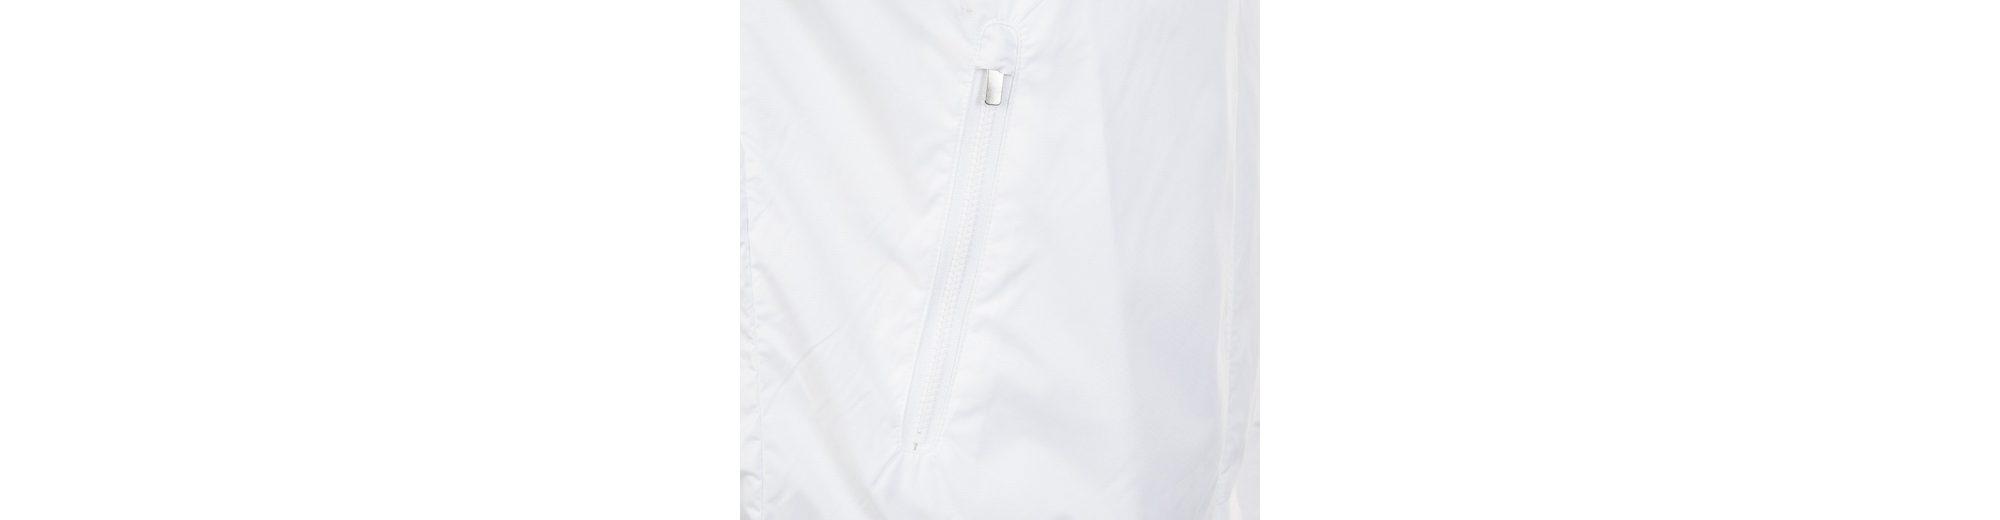 Nike Allwetterjacke As Rom Windrunner Angebote Günstig Online Auslass 100% Original Günstig Kaufen Neuesten Kollektionen q9B4GxFX